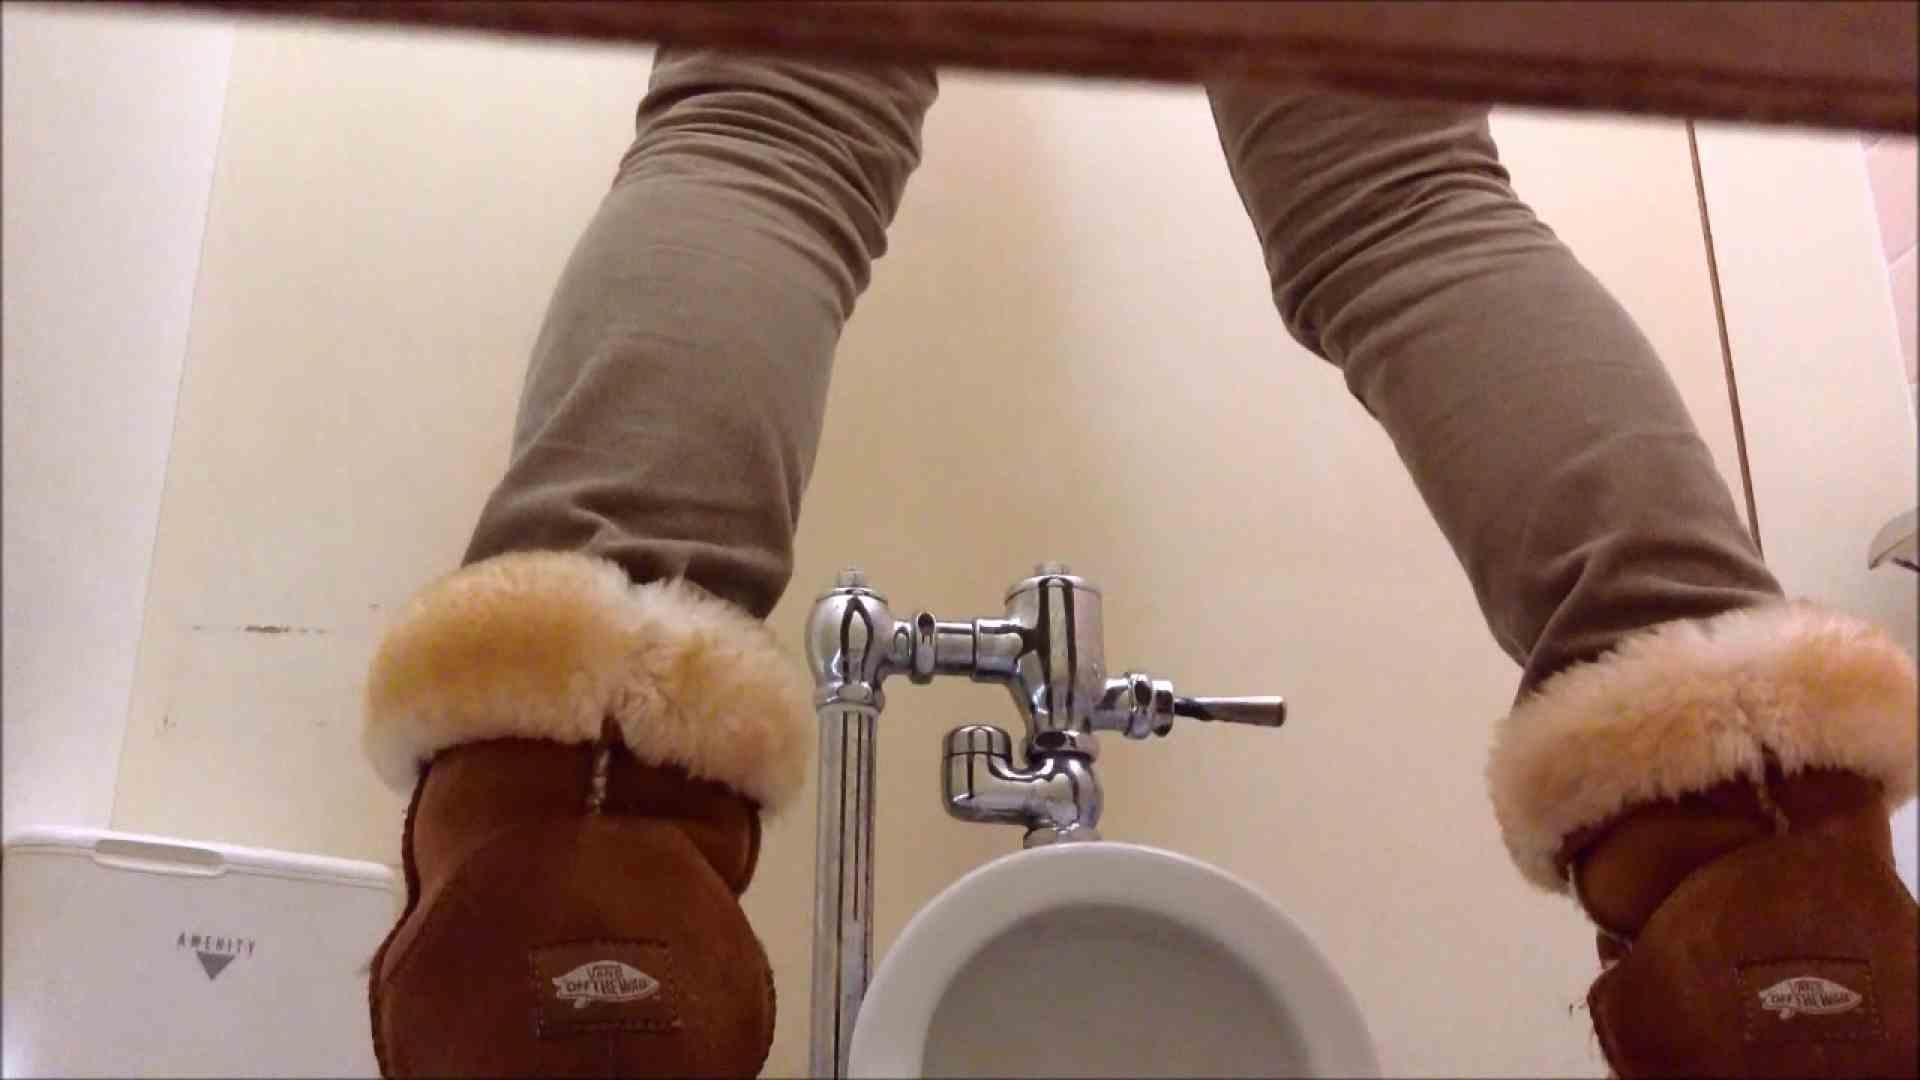 某有名大学女性洗面所 vol.06 投稿 性交動画流出 111枚 79